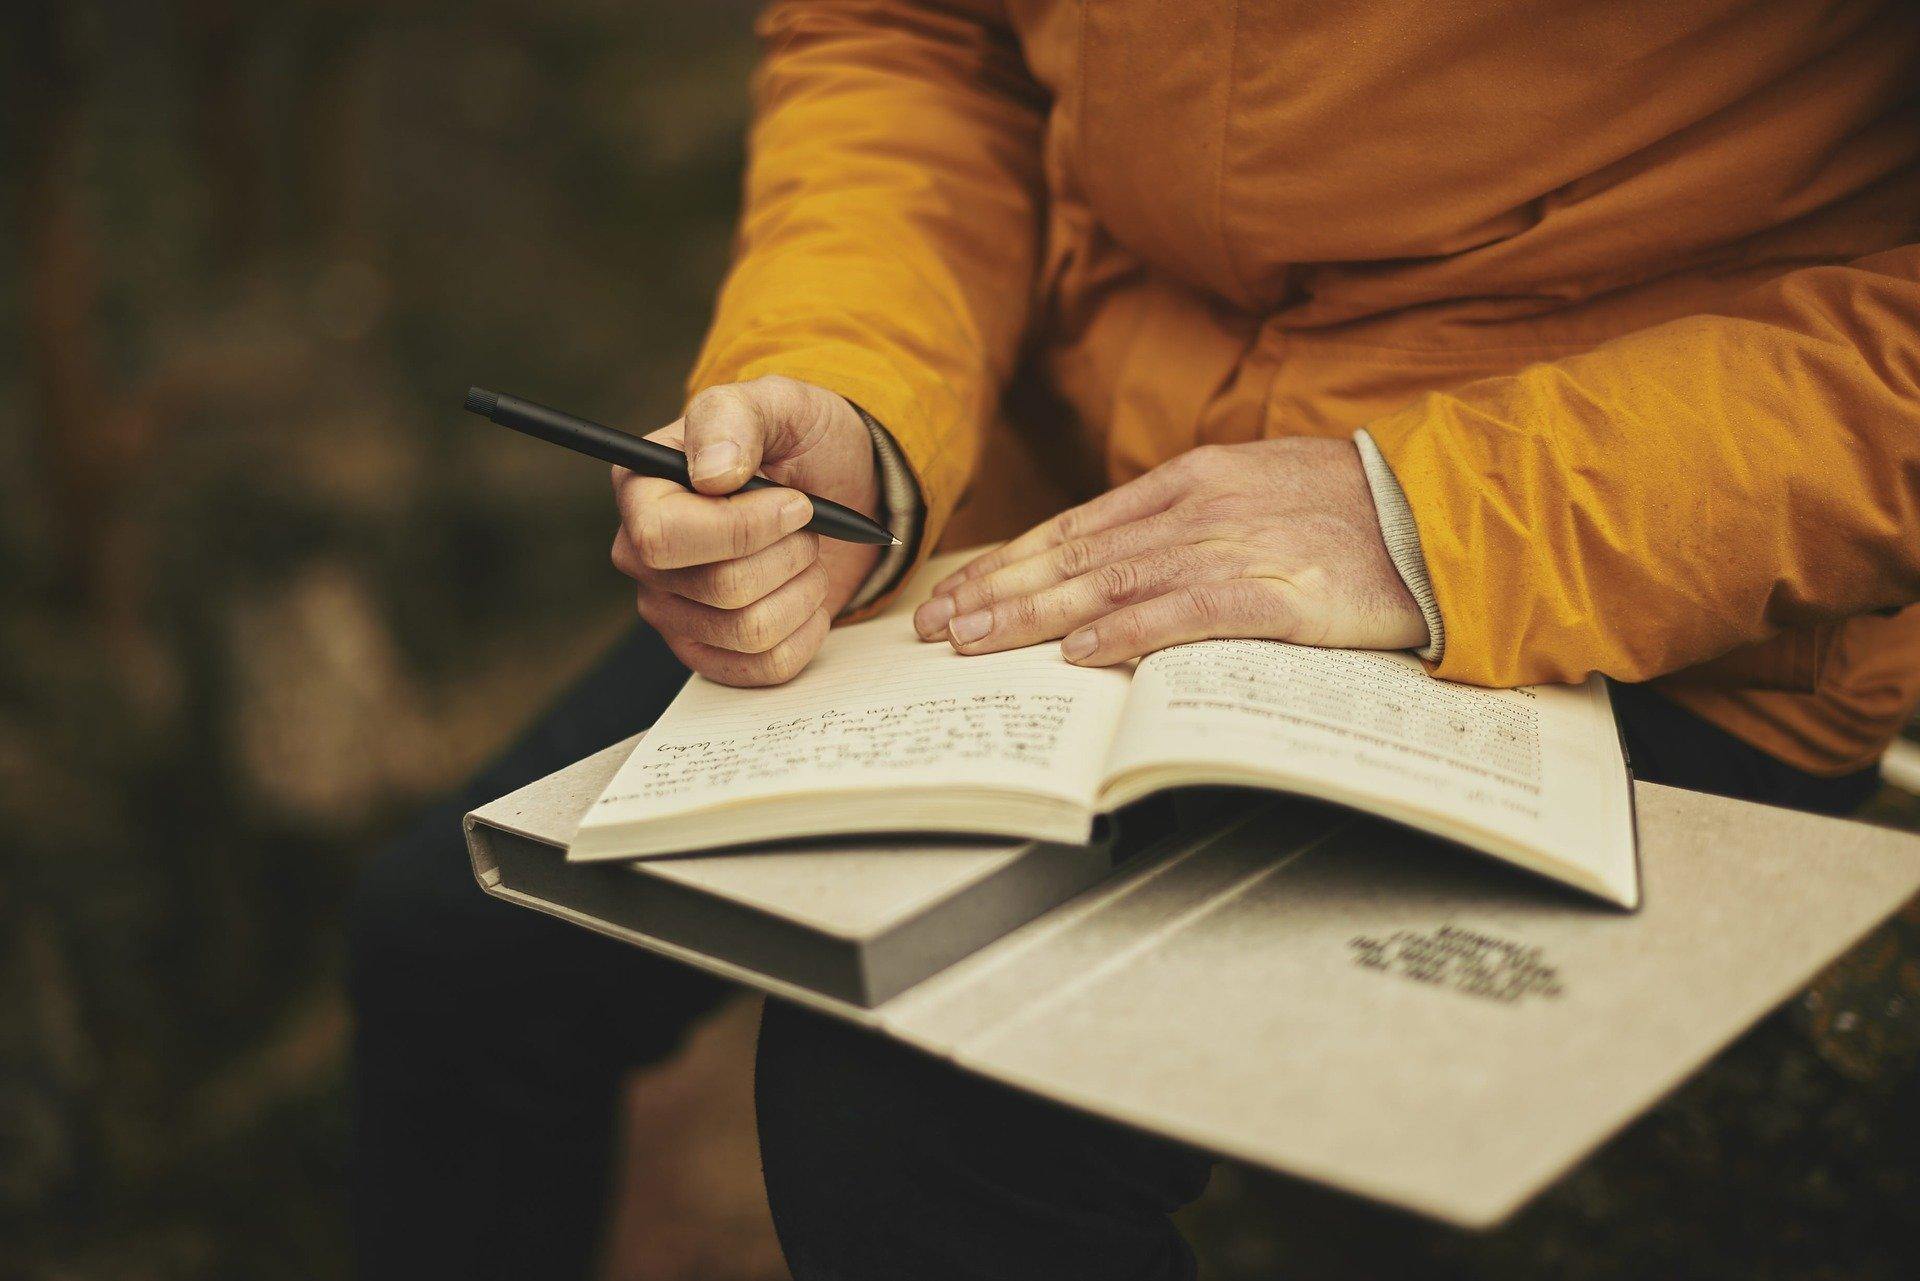 O que é avaliado na seção de Escrita do SAT?